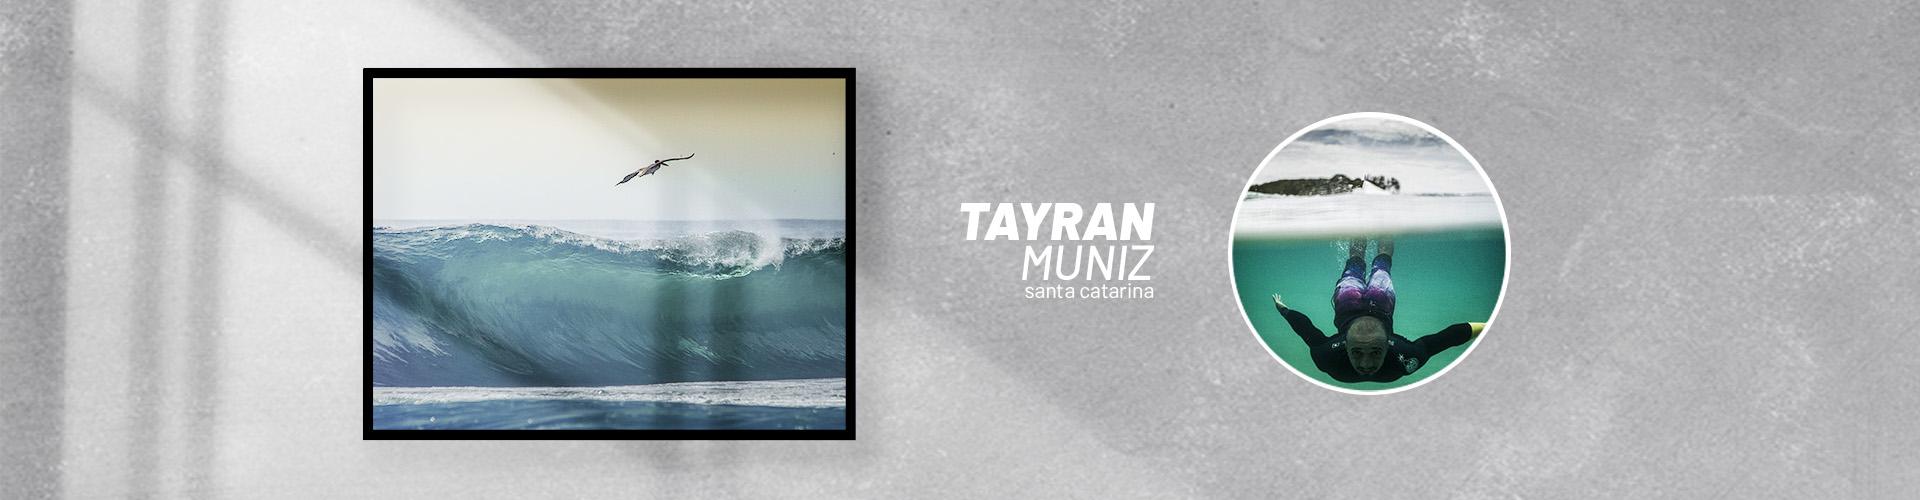 Página Artista | Tayran Muniz